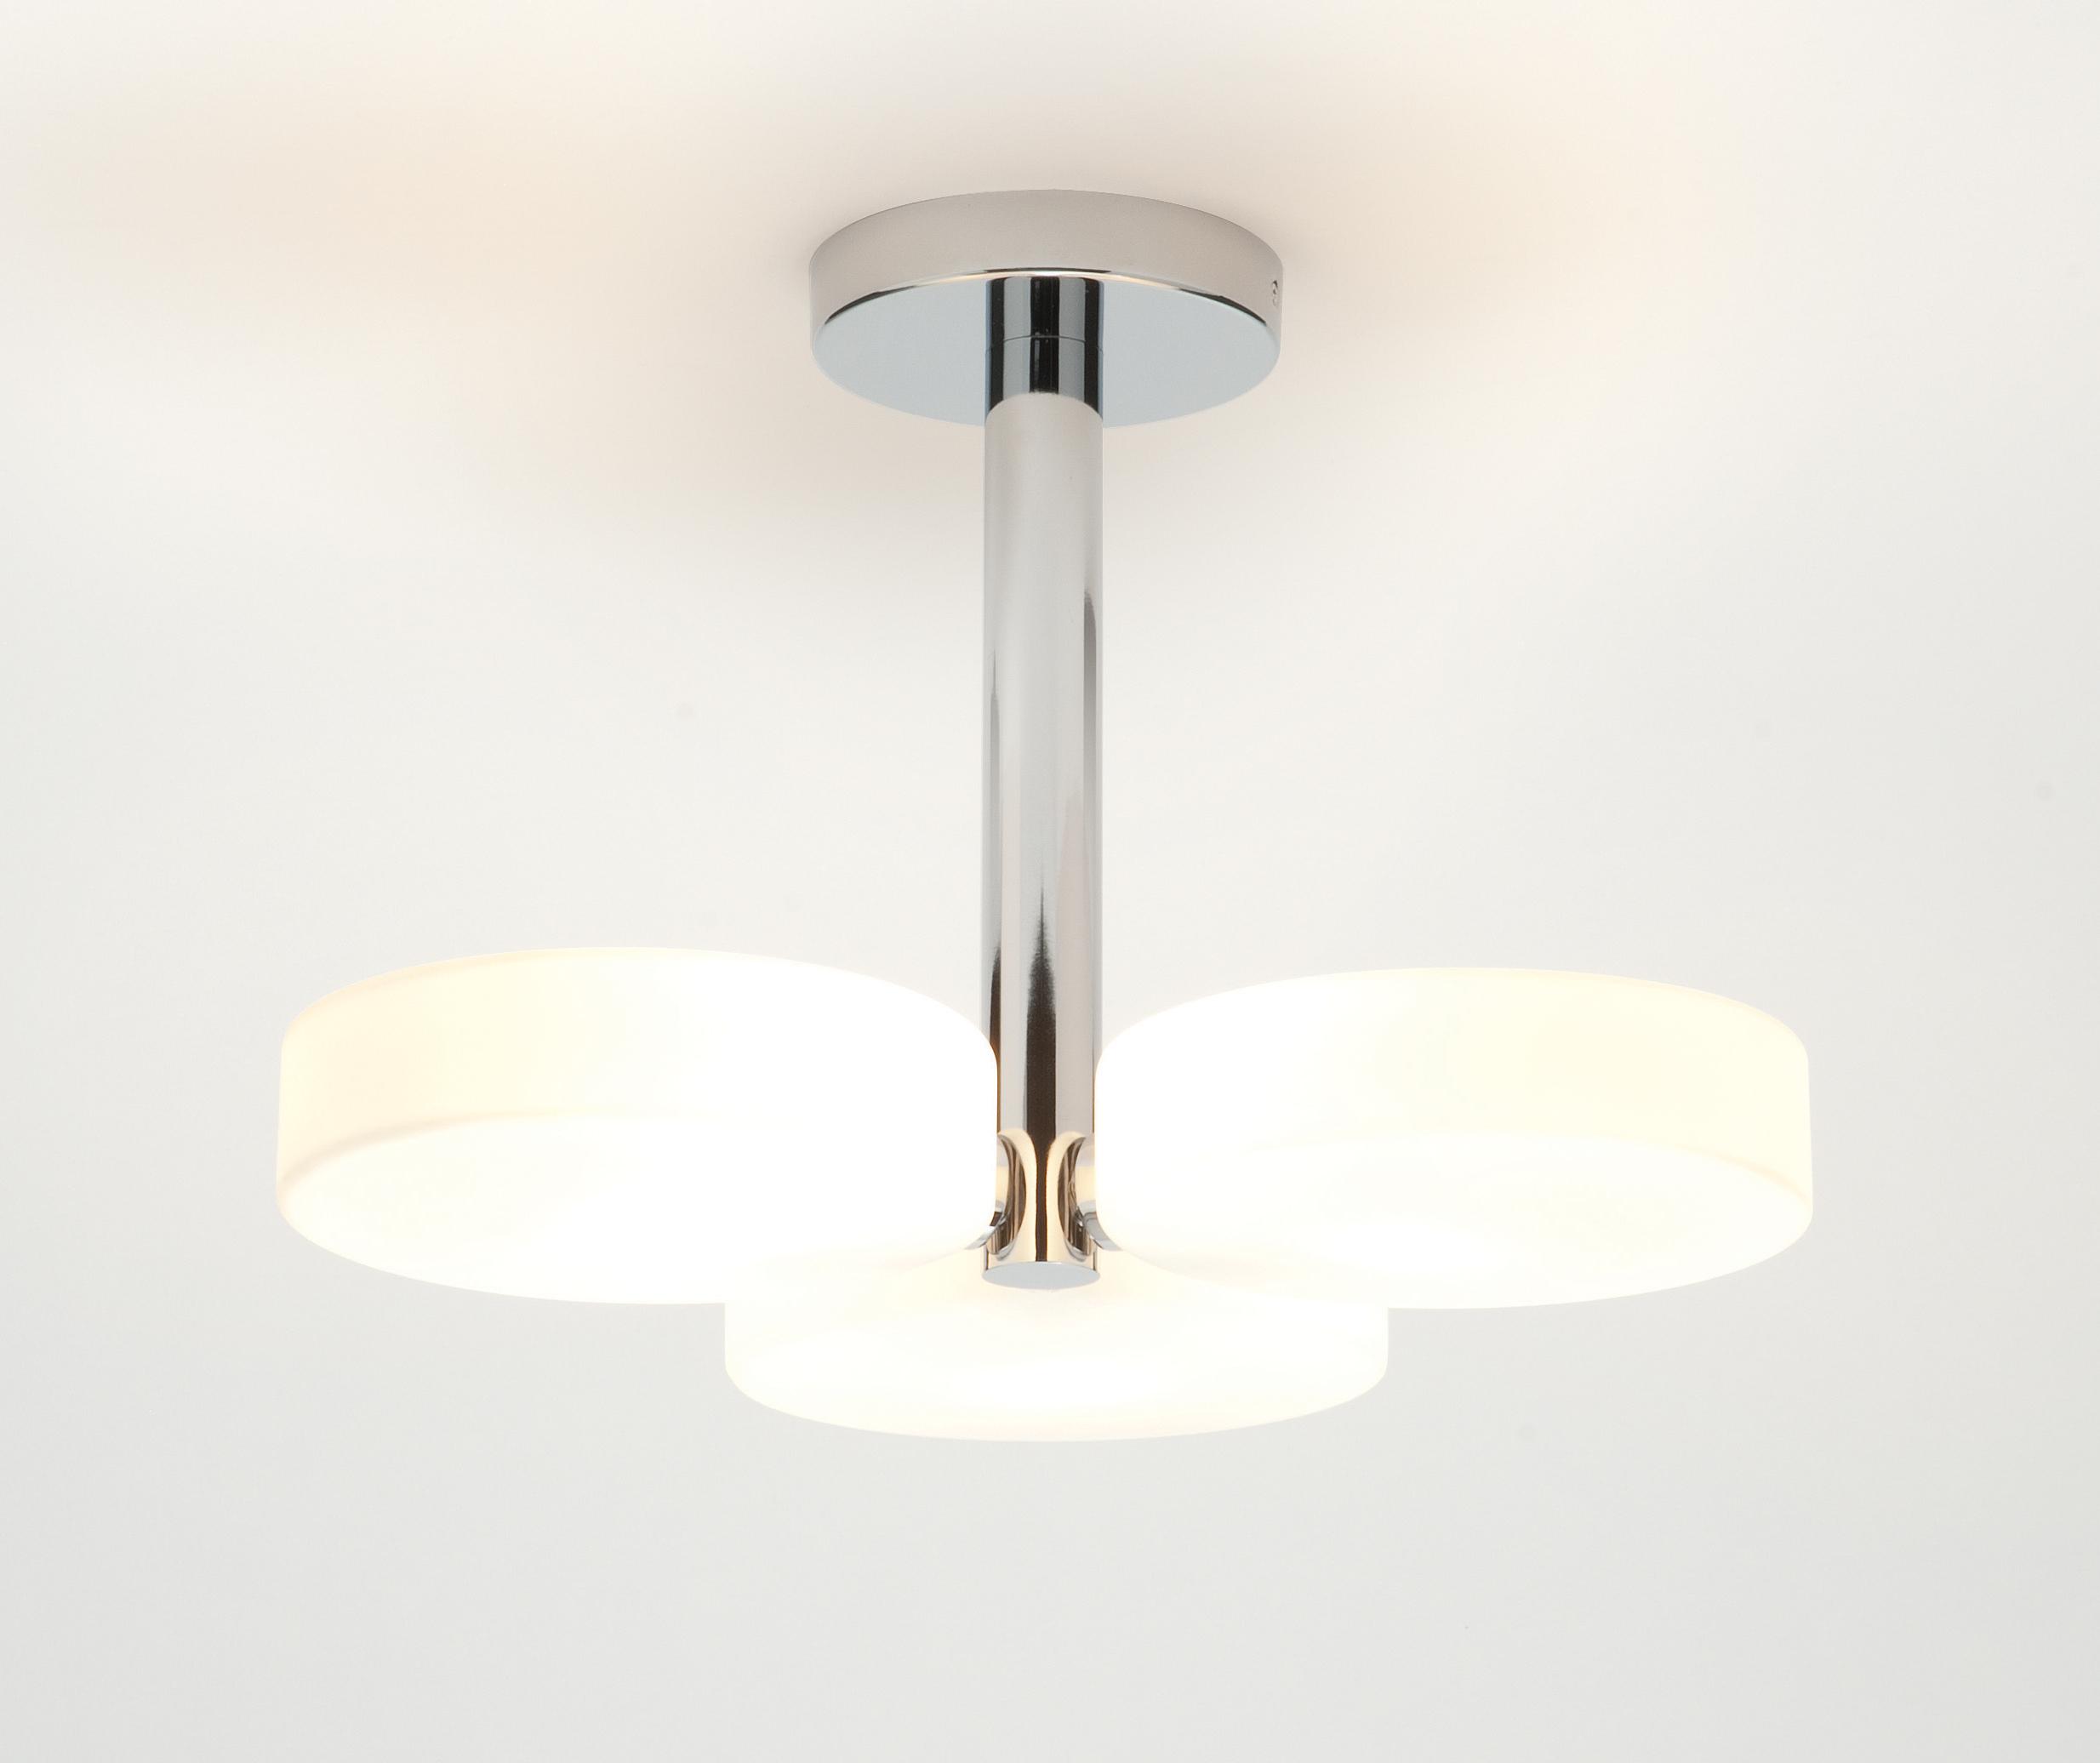 saxby lipco dreifach 39278 badezimmer decken leuchte 3 x 28w g9 klar kapsel ebay. Black Bedroom Furniture Sets. Home Design Ideas